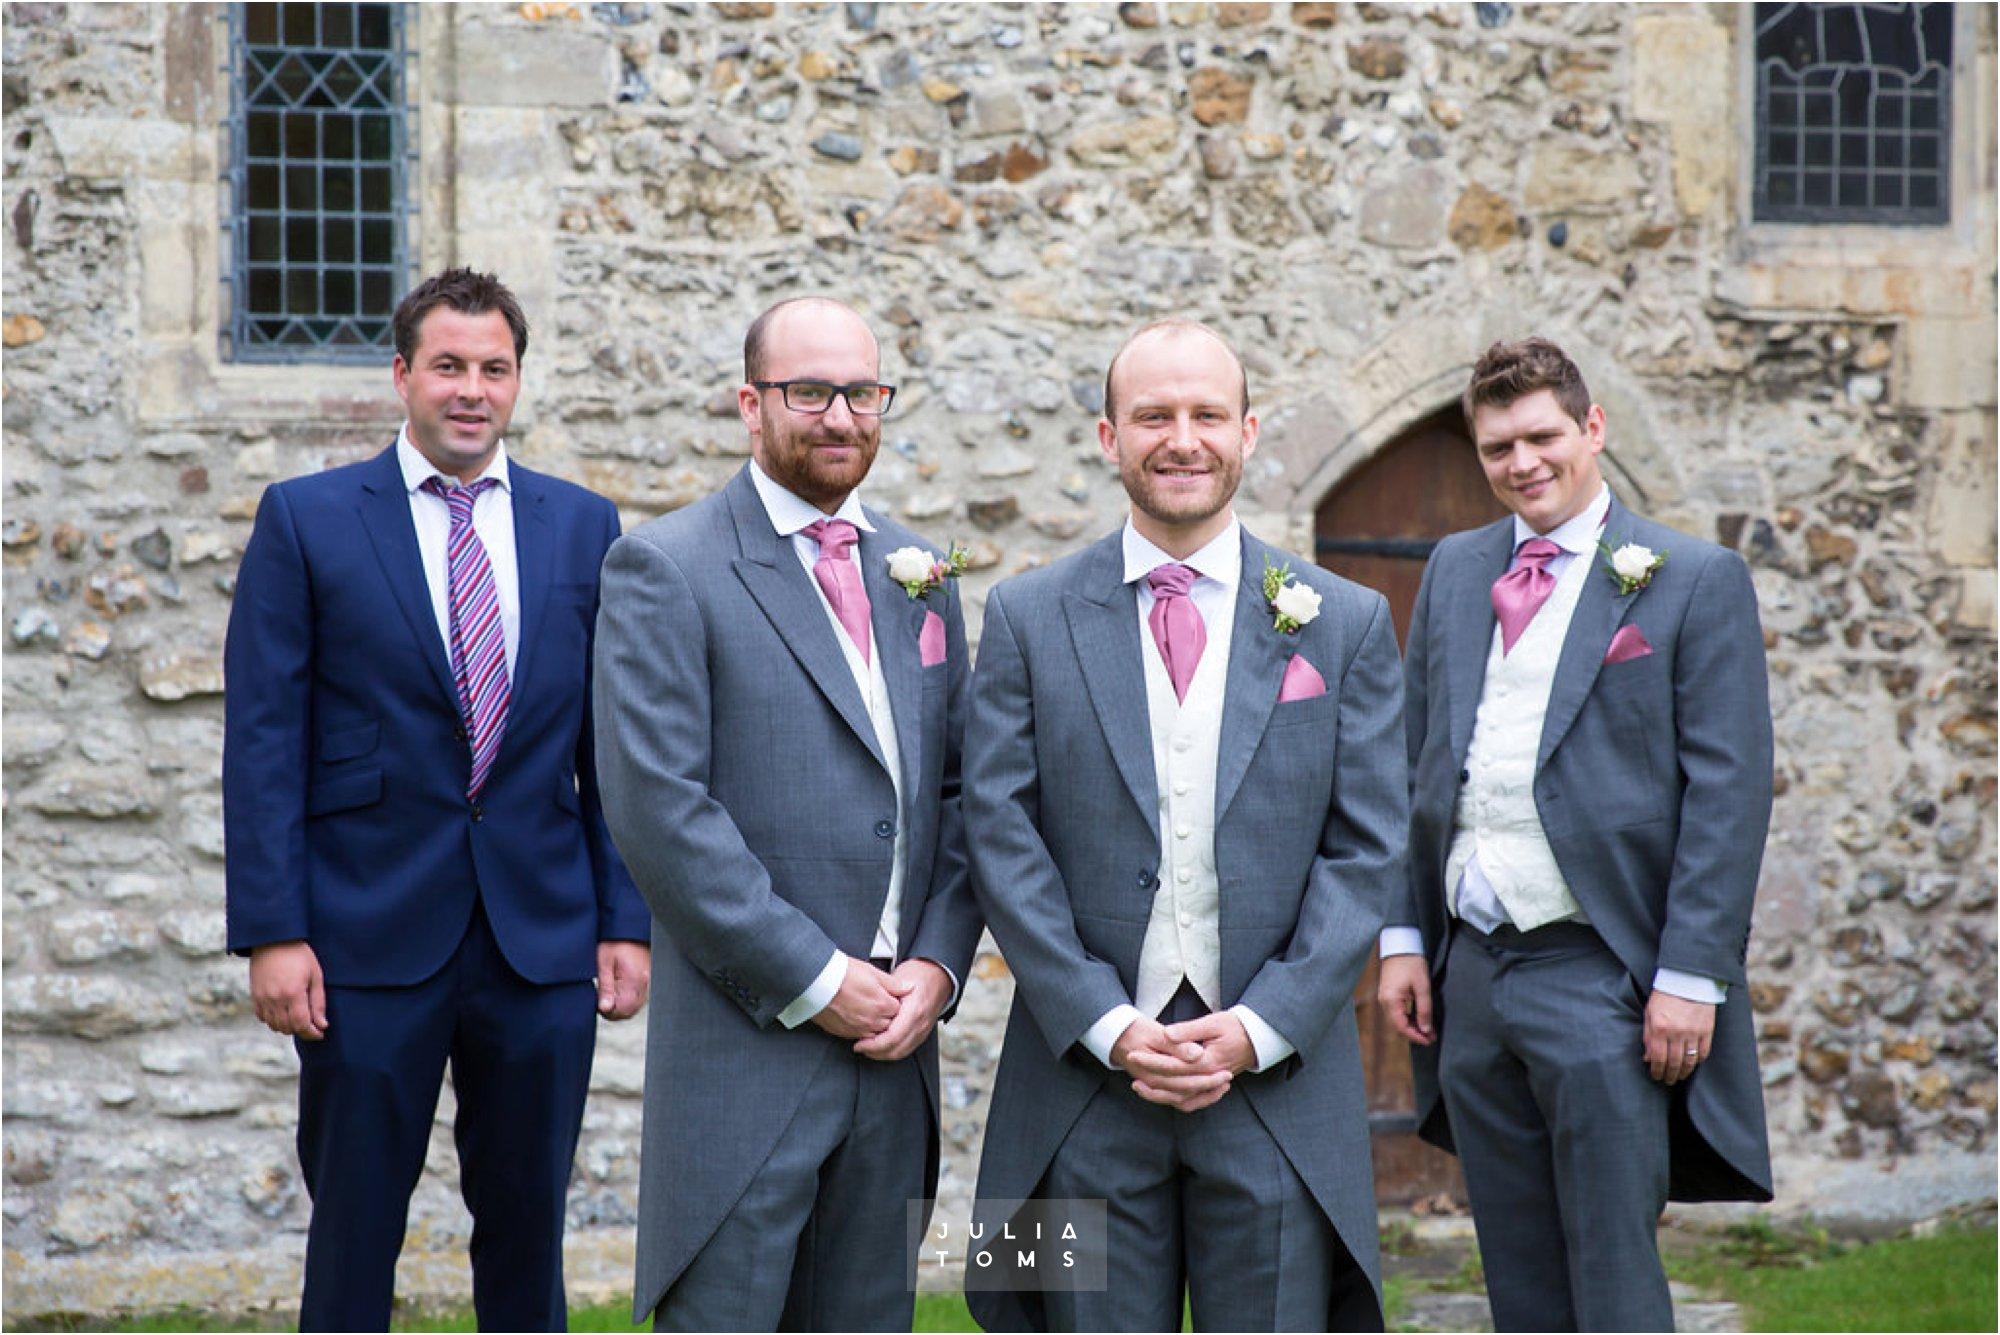 itchenor_wedding_chichester_photographer_018.jpg